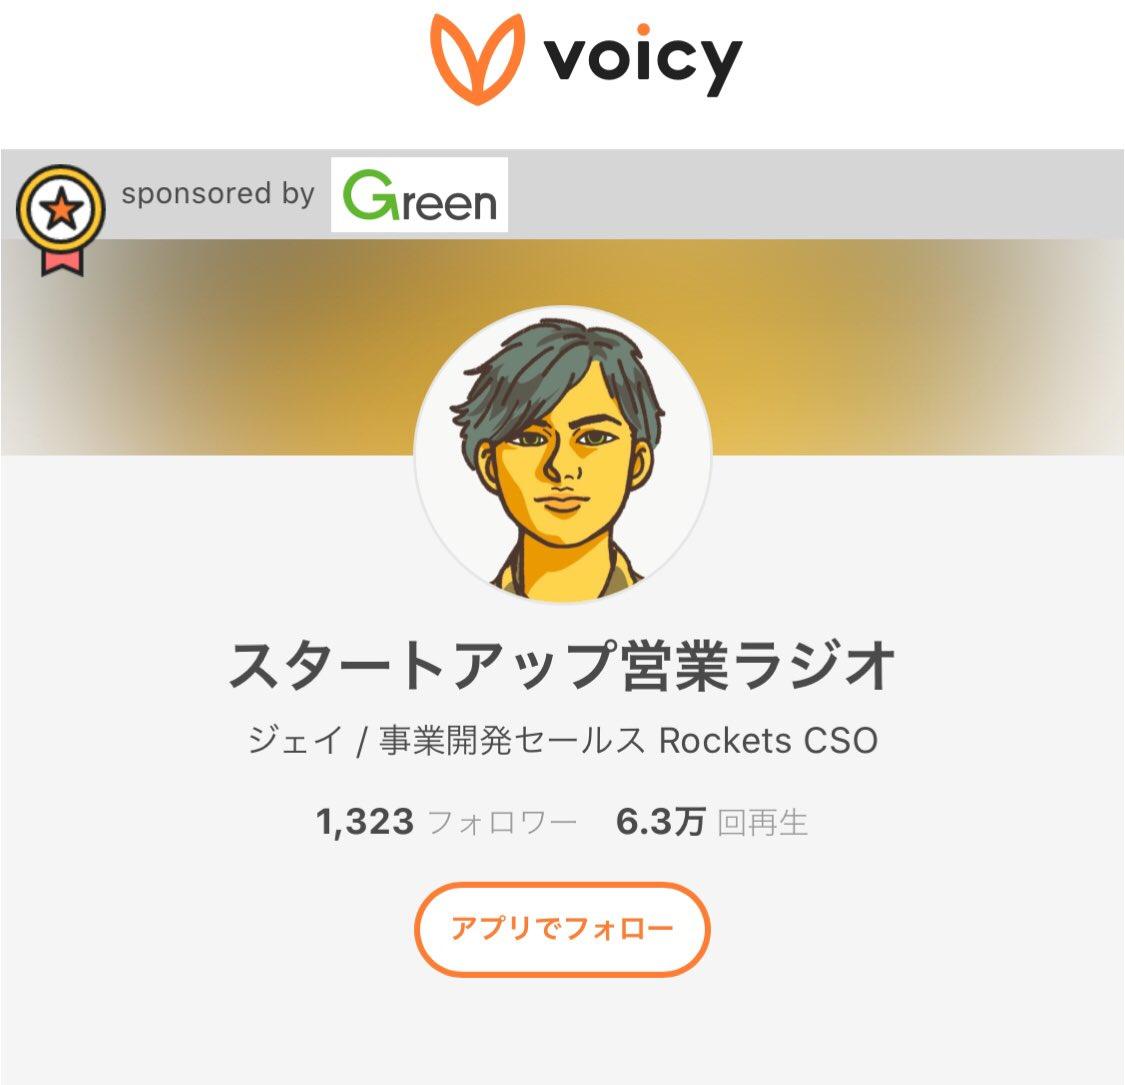 4月から転職サイト「Green」さんが、スタートアップ営業ラジオのスポンサーに🎉 🎉 🎉まさか、スポンサーがつくとは。ほんっとに、リスナーのみなさまのおかげ。シェアやコメント有難いです。引き続き、共に楽しんでいきましょう!新ロゴでステッカー作ります🙌